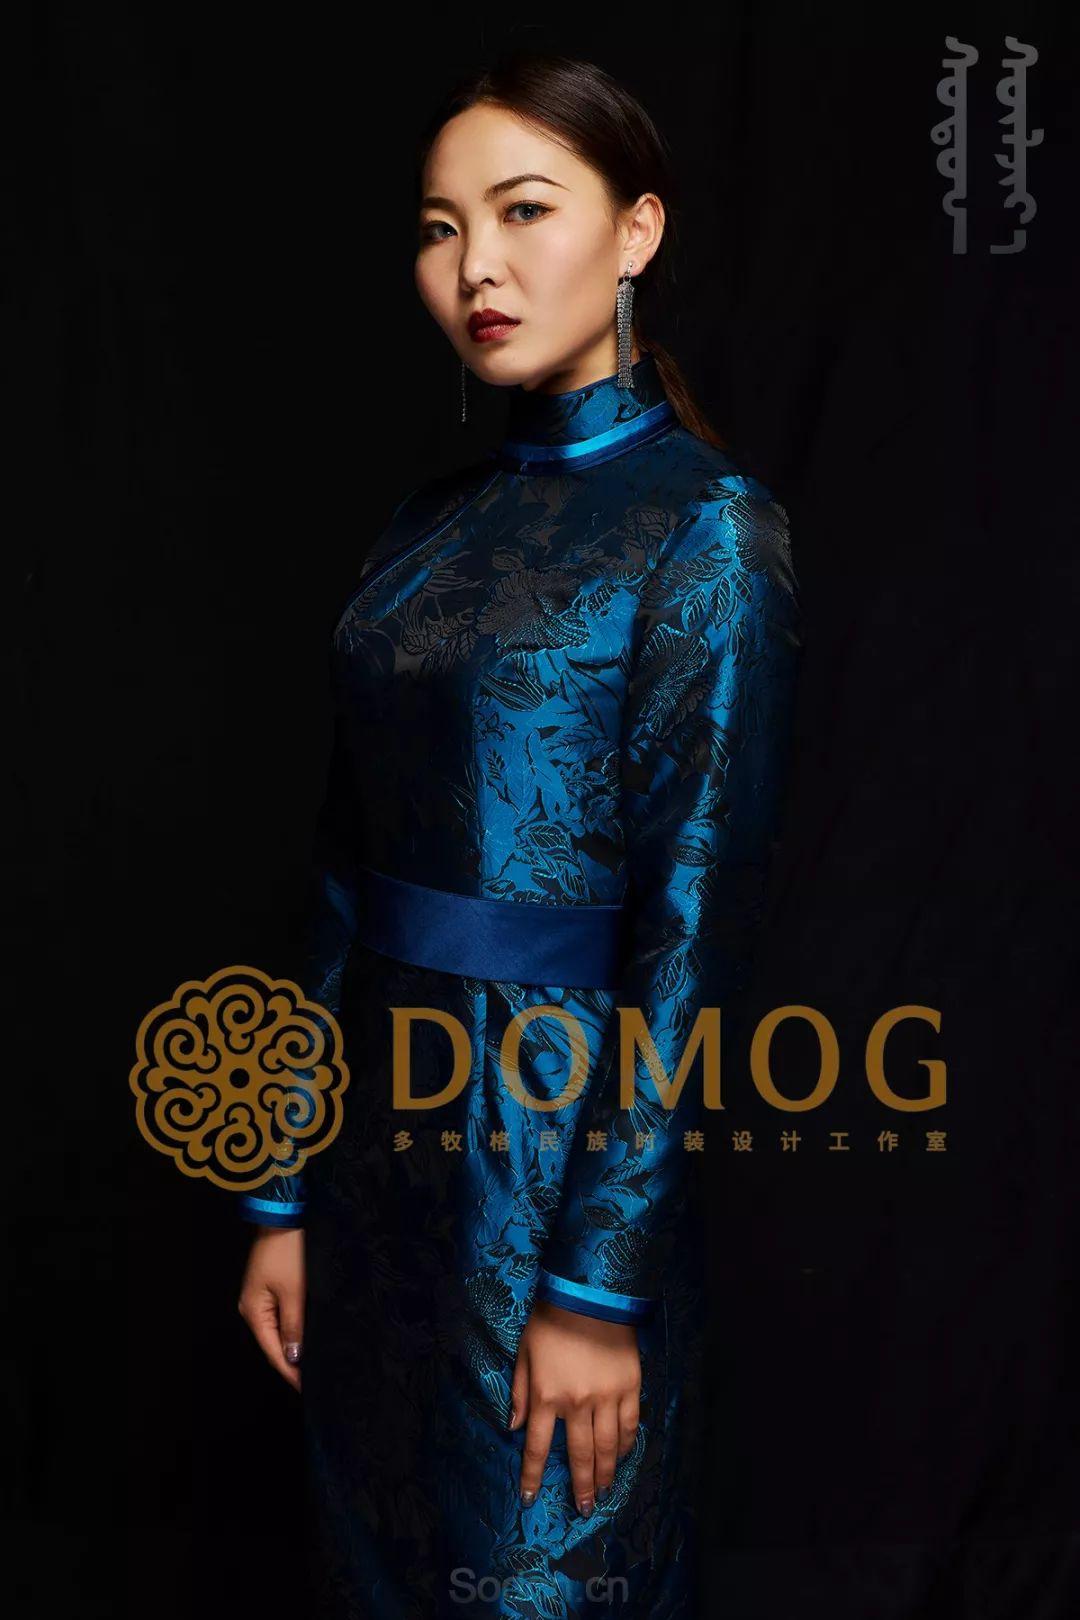 DOMOG蒙古时装绝美秋冬款系列,美出新高度! 第1张